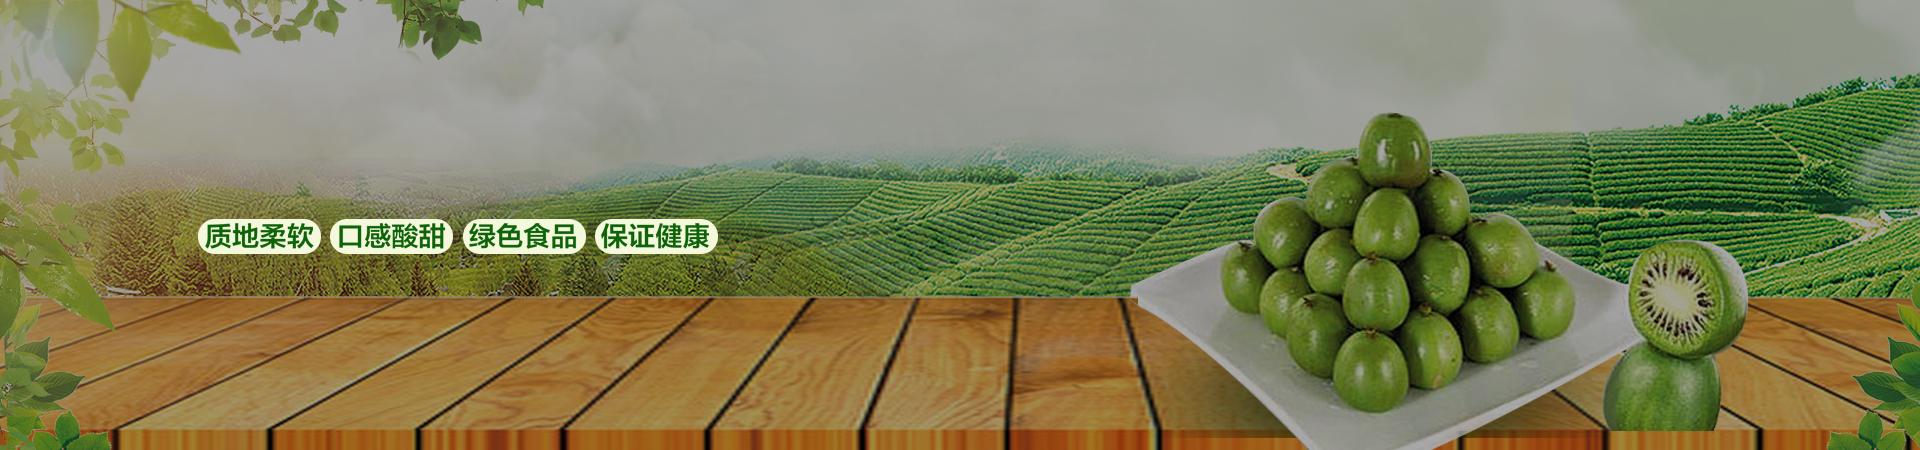 丹东软枣猕猴桃口感酸甜,保证健康。